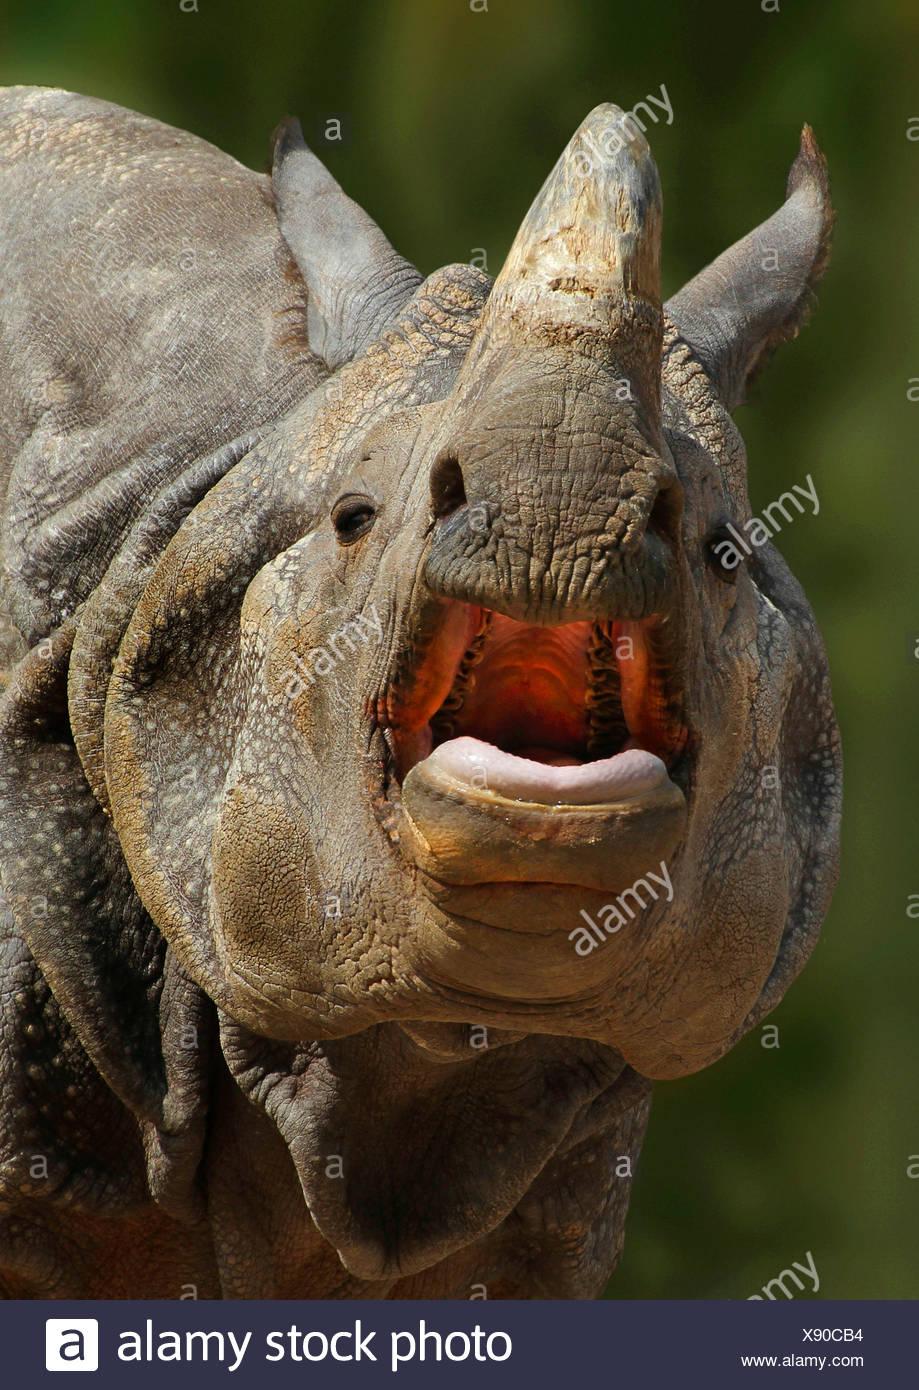 Plus de rhinocéros indien, Indien Grand rhinocéros à une corne (Rhinoceros unicornis), portrait avec la bouche ouverte, l'Inde Photo Stock